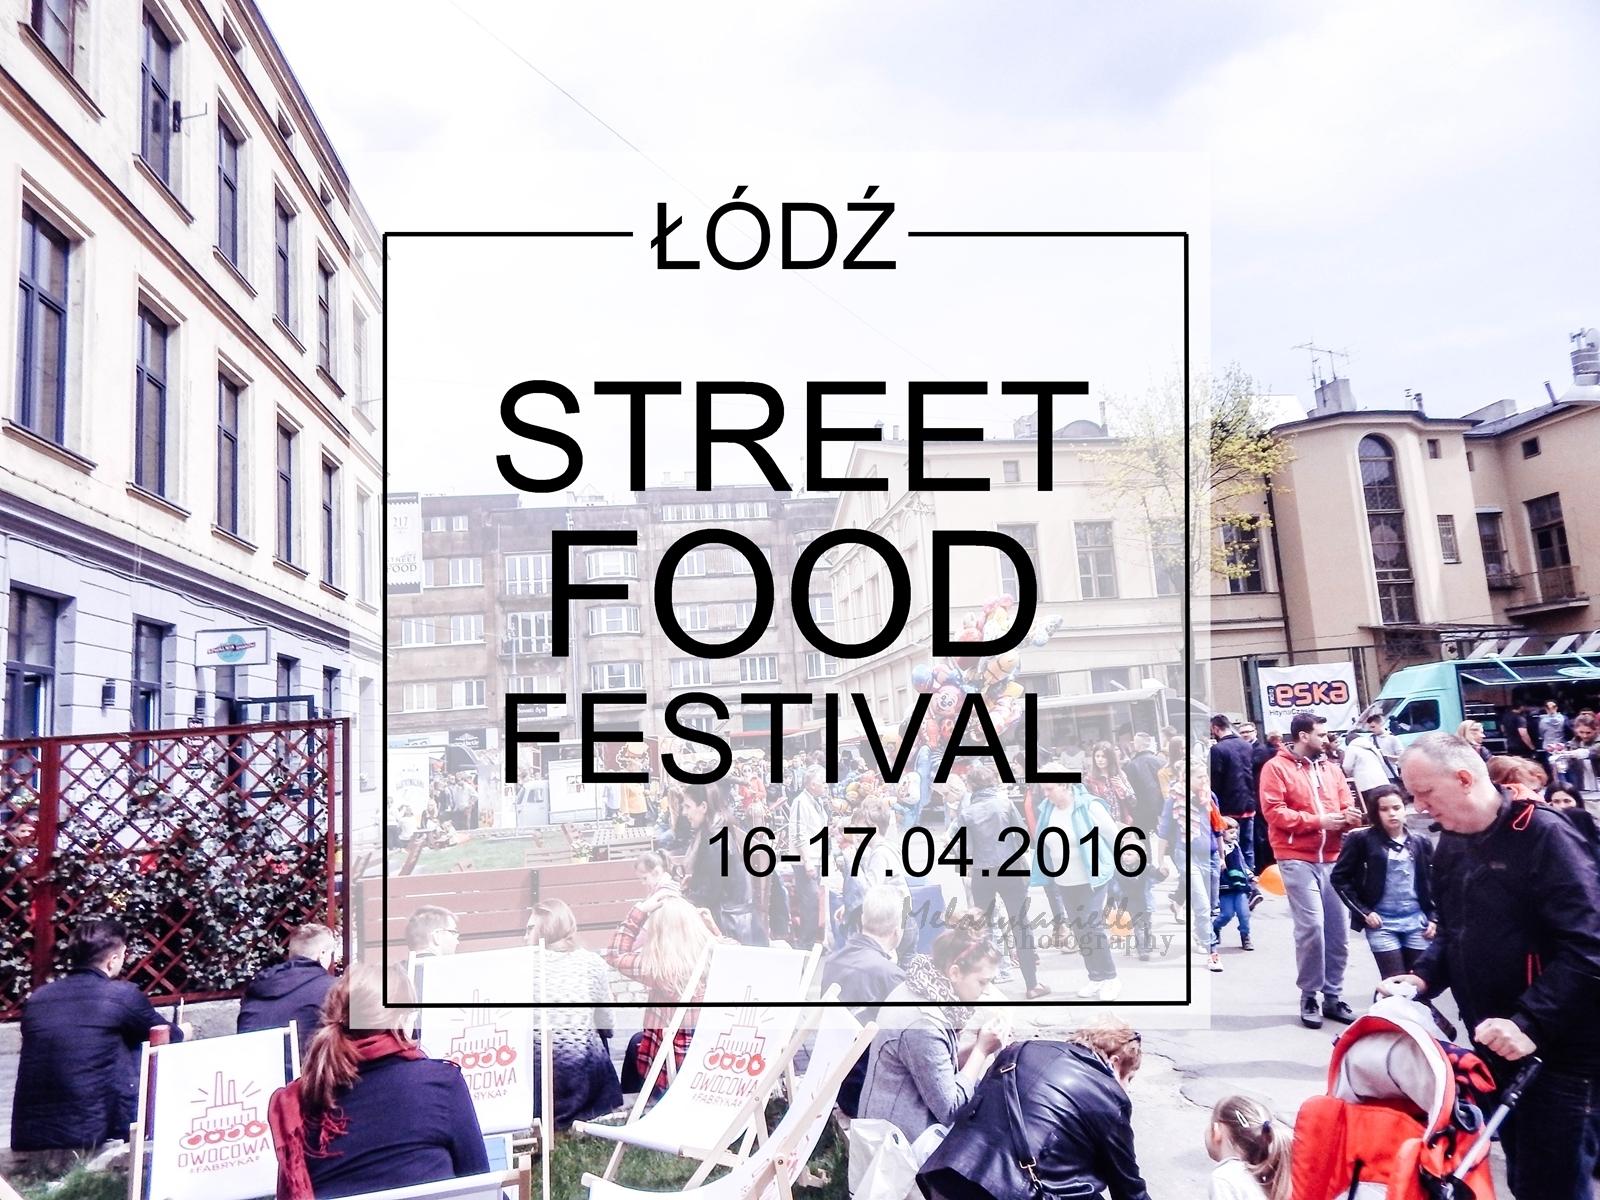 nagłówek street festival łódź kwiecień piotrkowska 217 foodtruck burgery jedzenie piknik essen